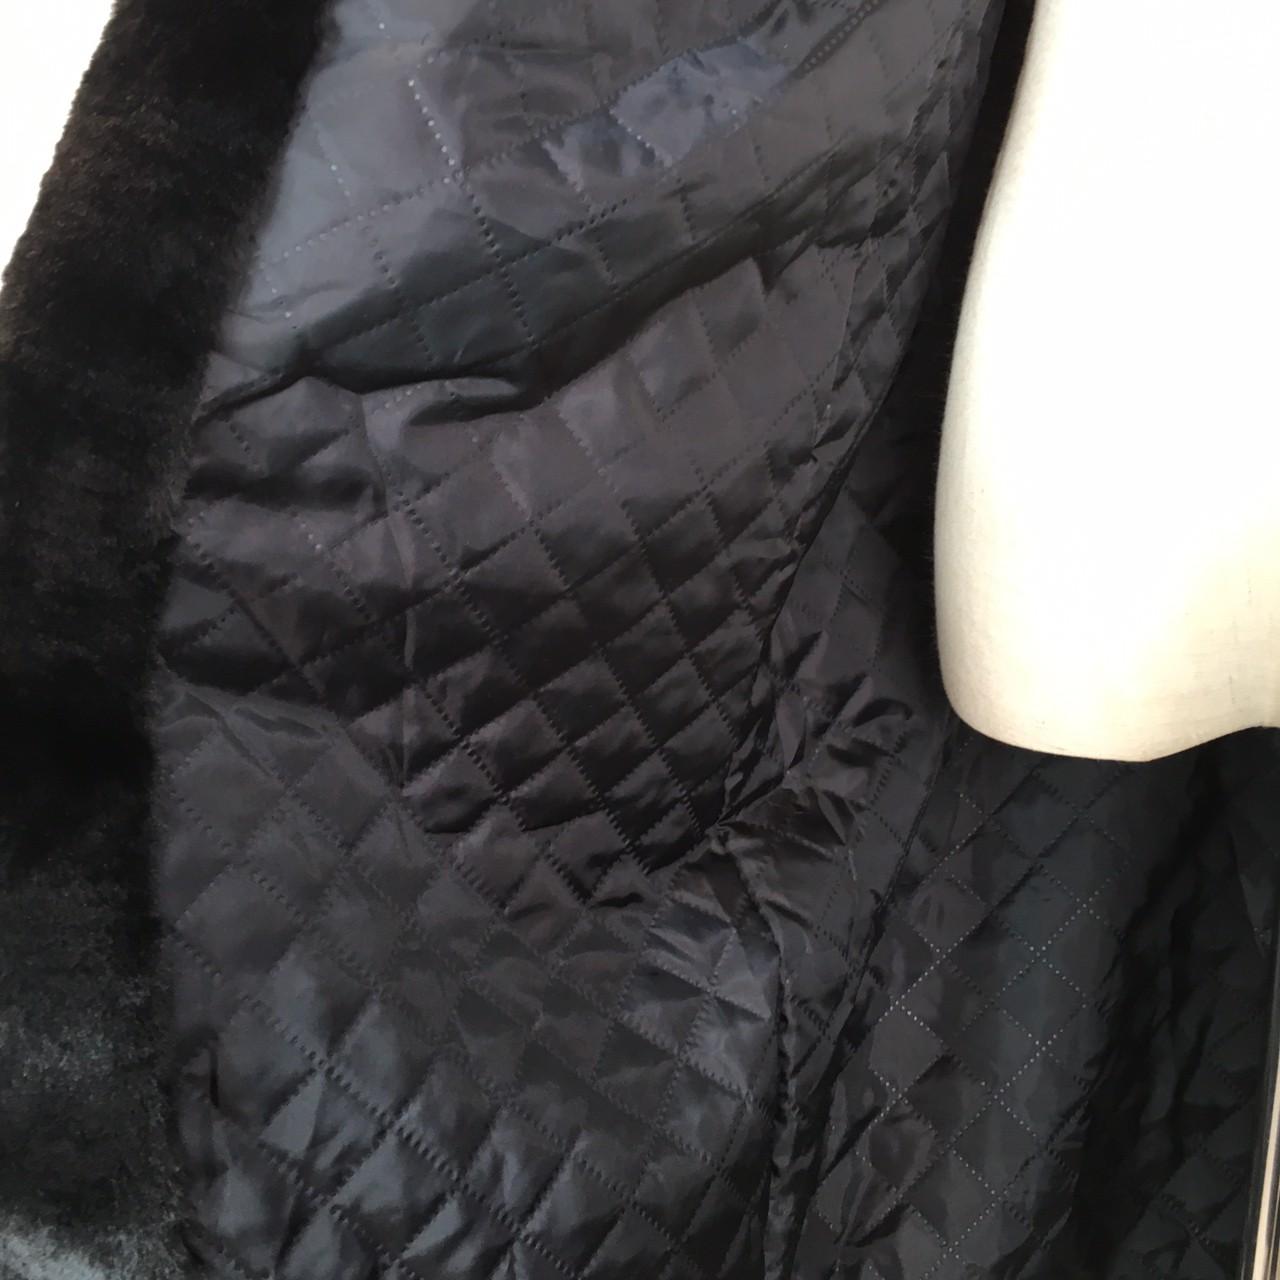 【即納】韓国 ファッション アウター ムートン ファーコート 秋 冬 カジュアル SPTXC599  もこもこ ふわふわ エコファー パーカー オーバーサイズ フ オルチャン シンプル 定番 セレカジの写真17枚目